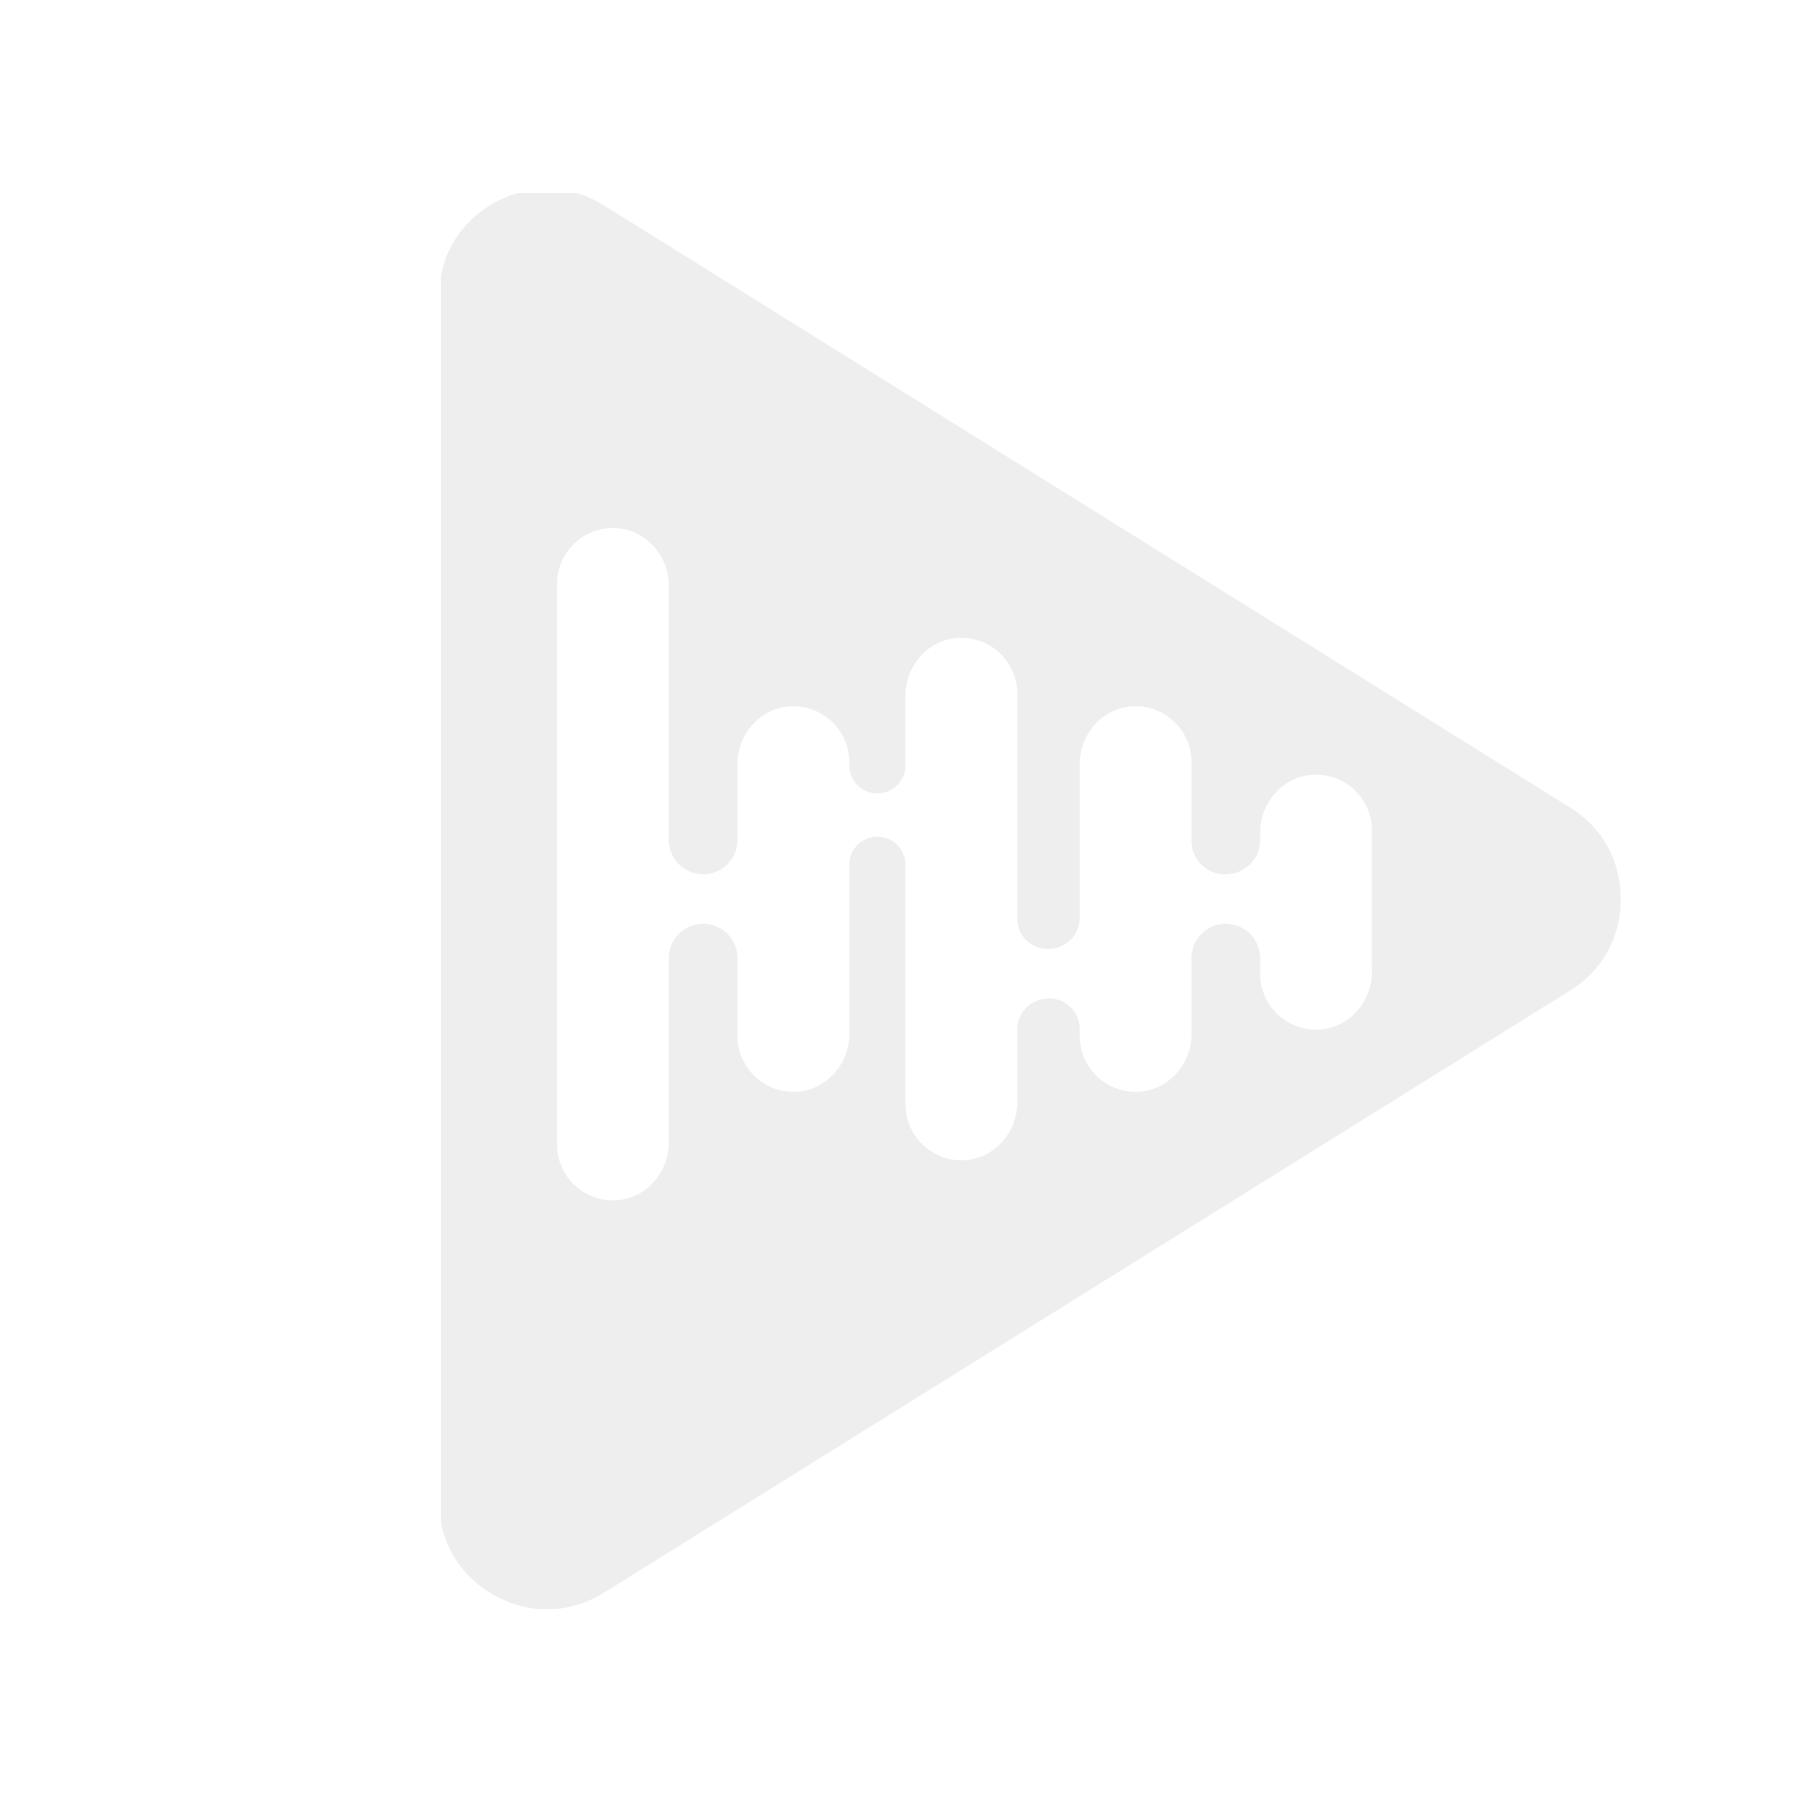 Skoddejuice Guava Aroma